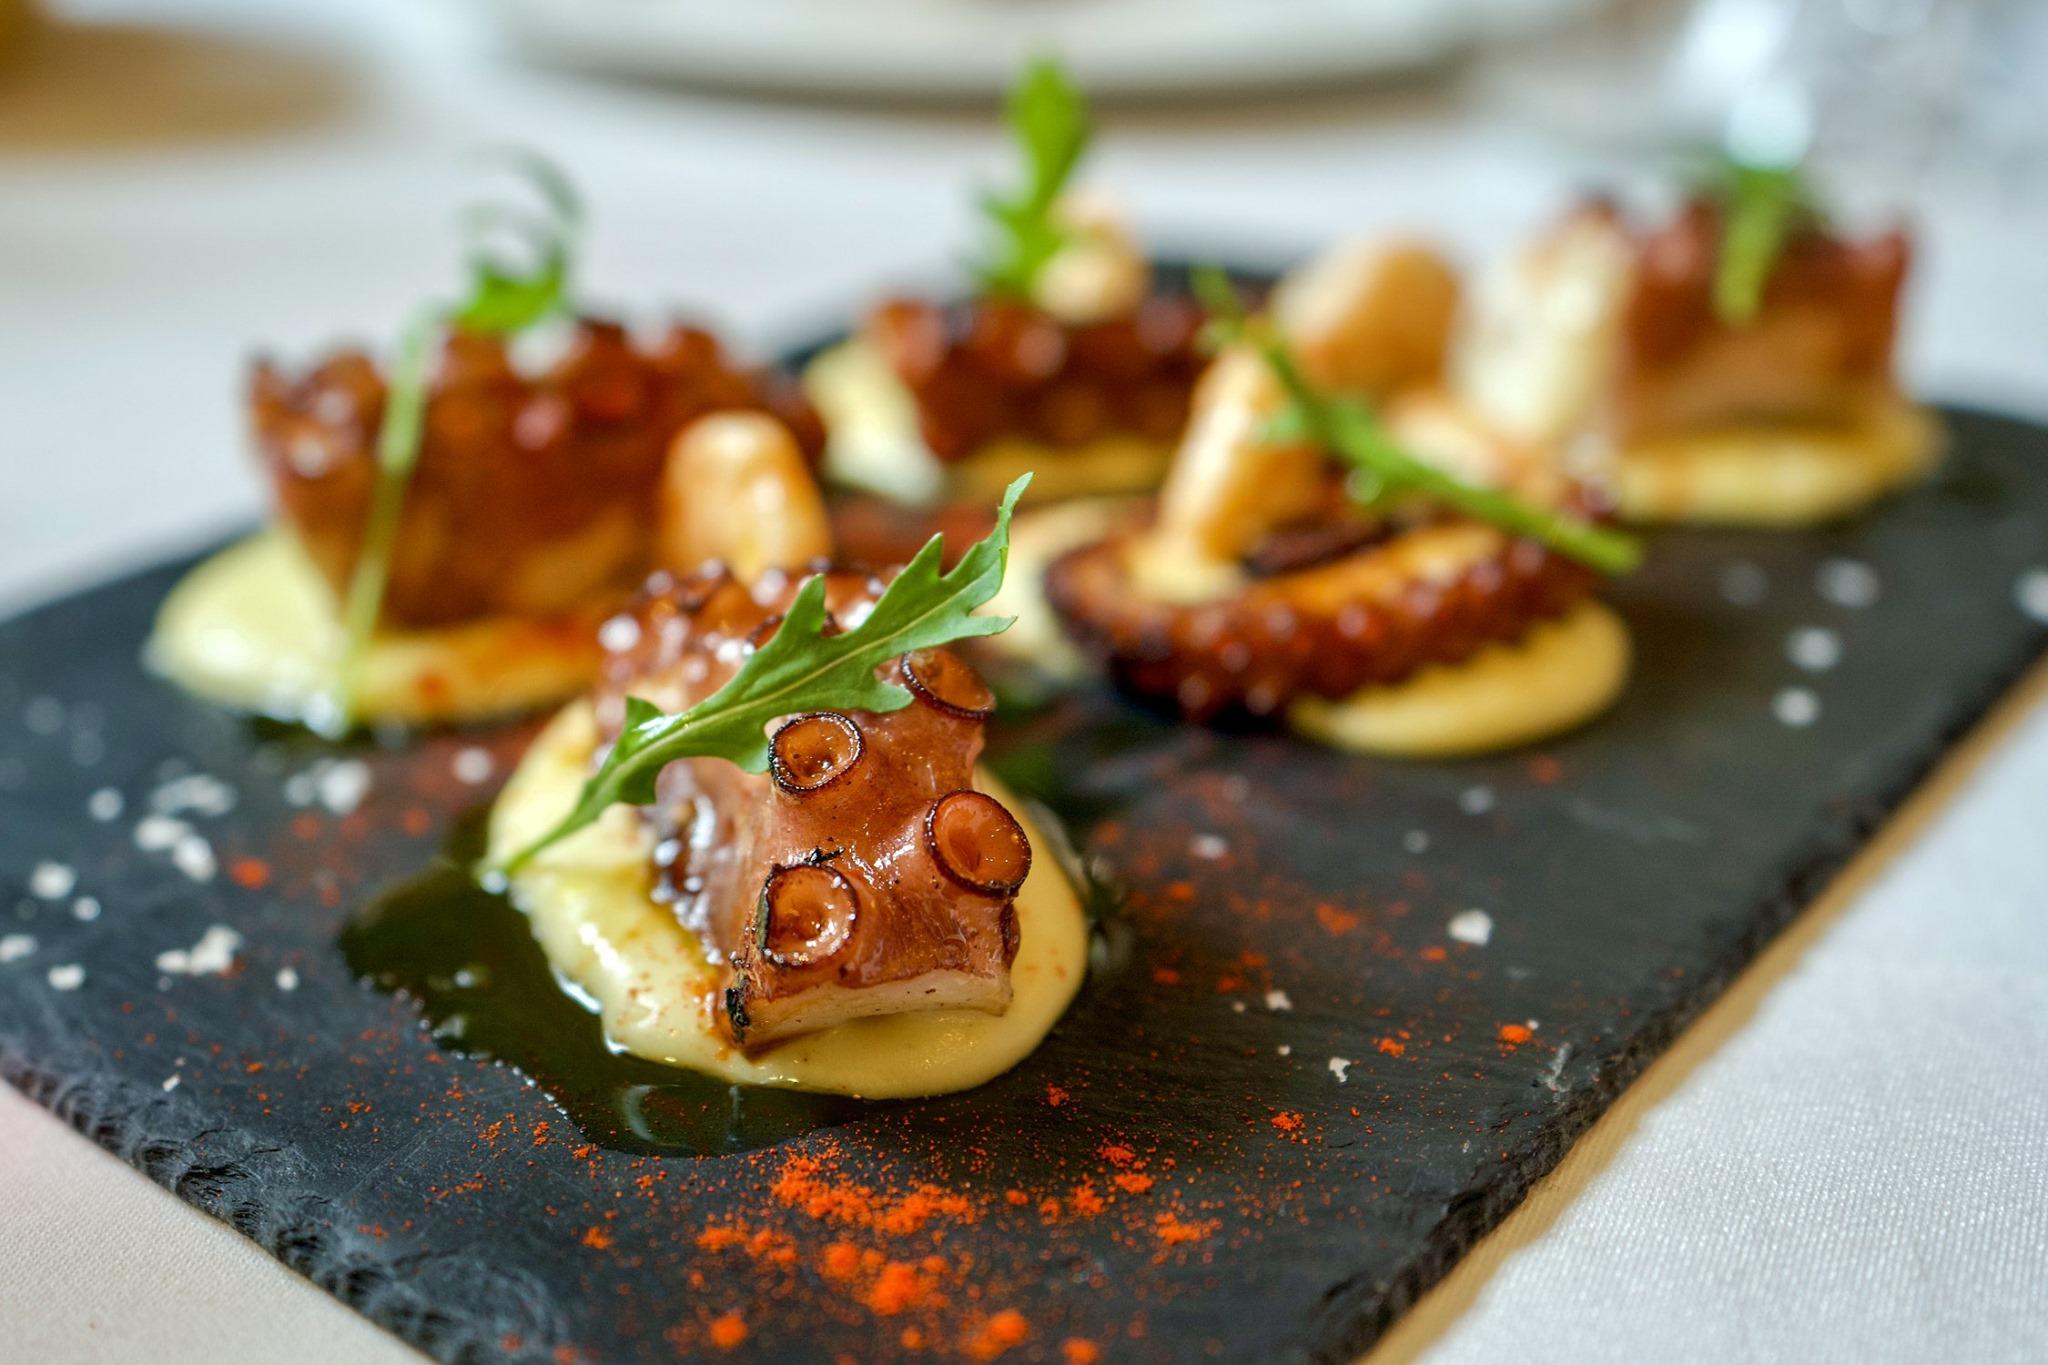 El Restaurante La Violeta estrena carta y dispone de nuevo servicio de comida a domicilio 3